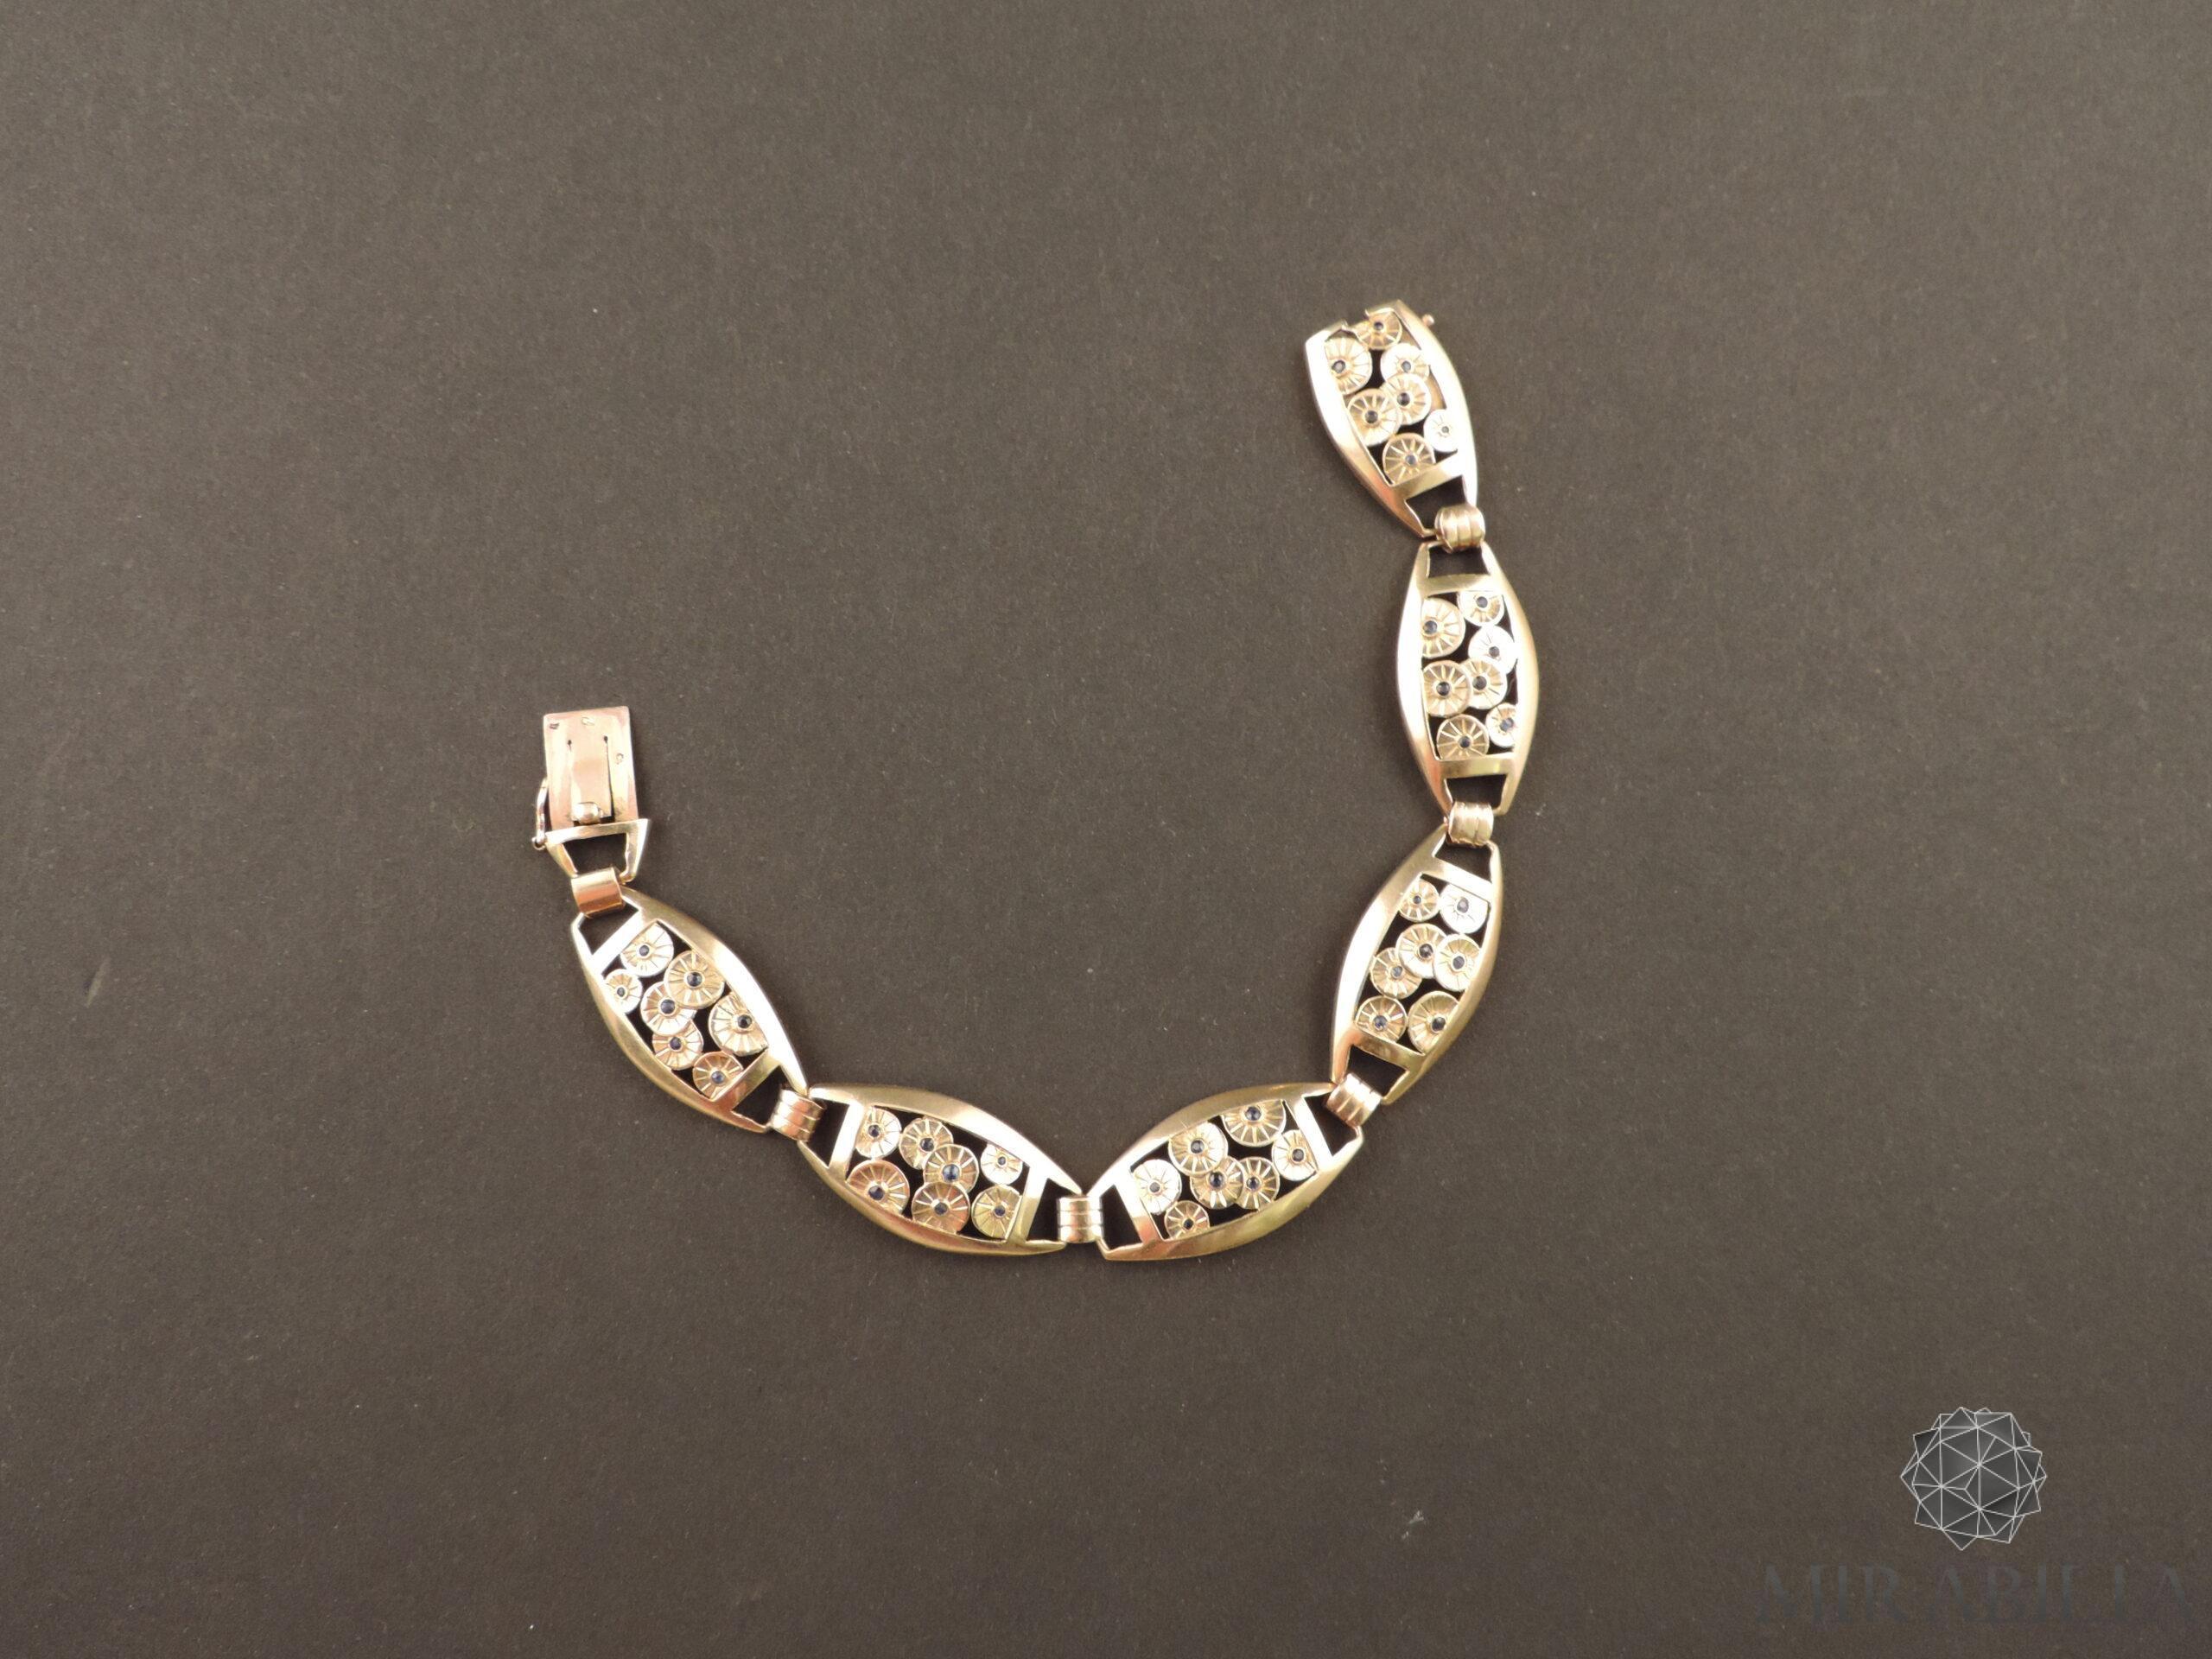 Bracciale Art Déco in oro, argento e zaffiri (dettagli)